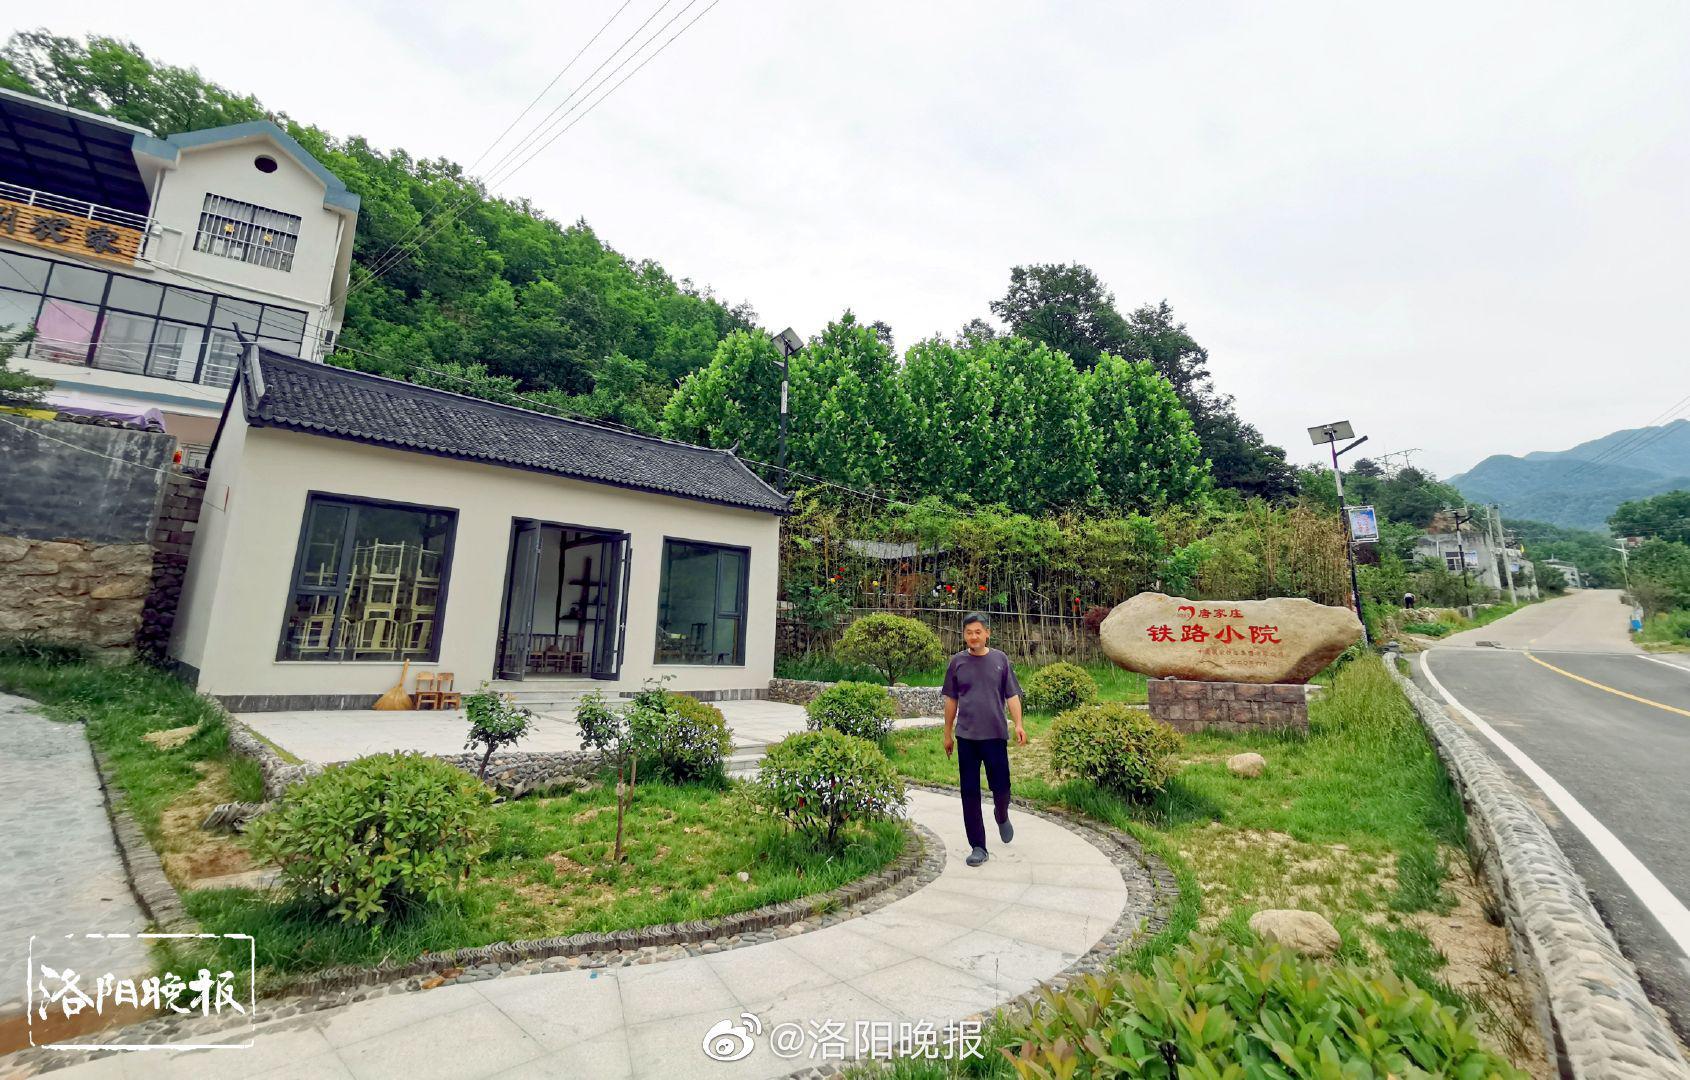 栾川最美乡村旅游路:伊河源头话小康